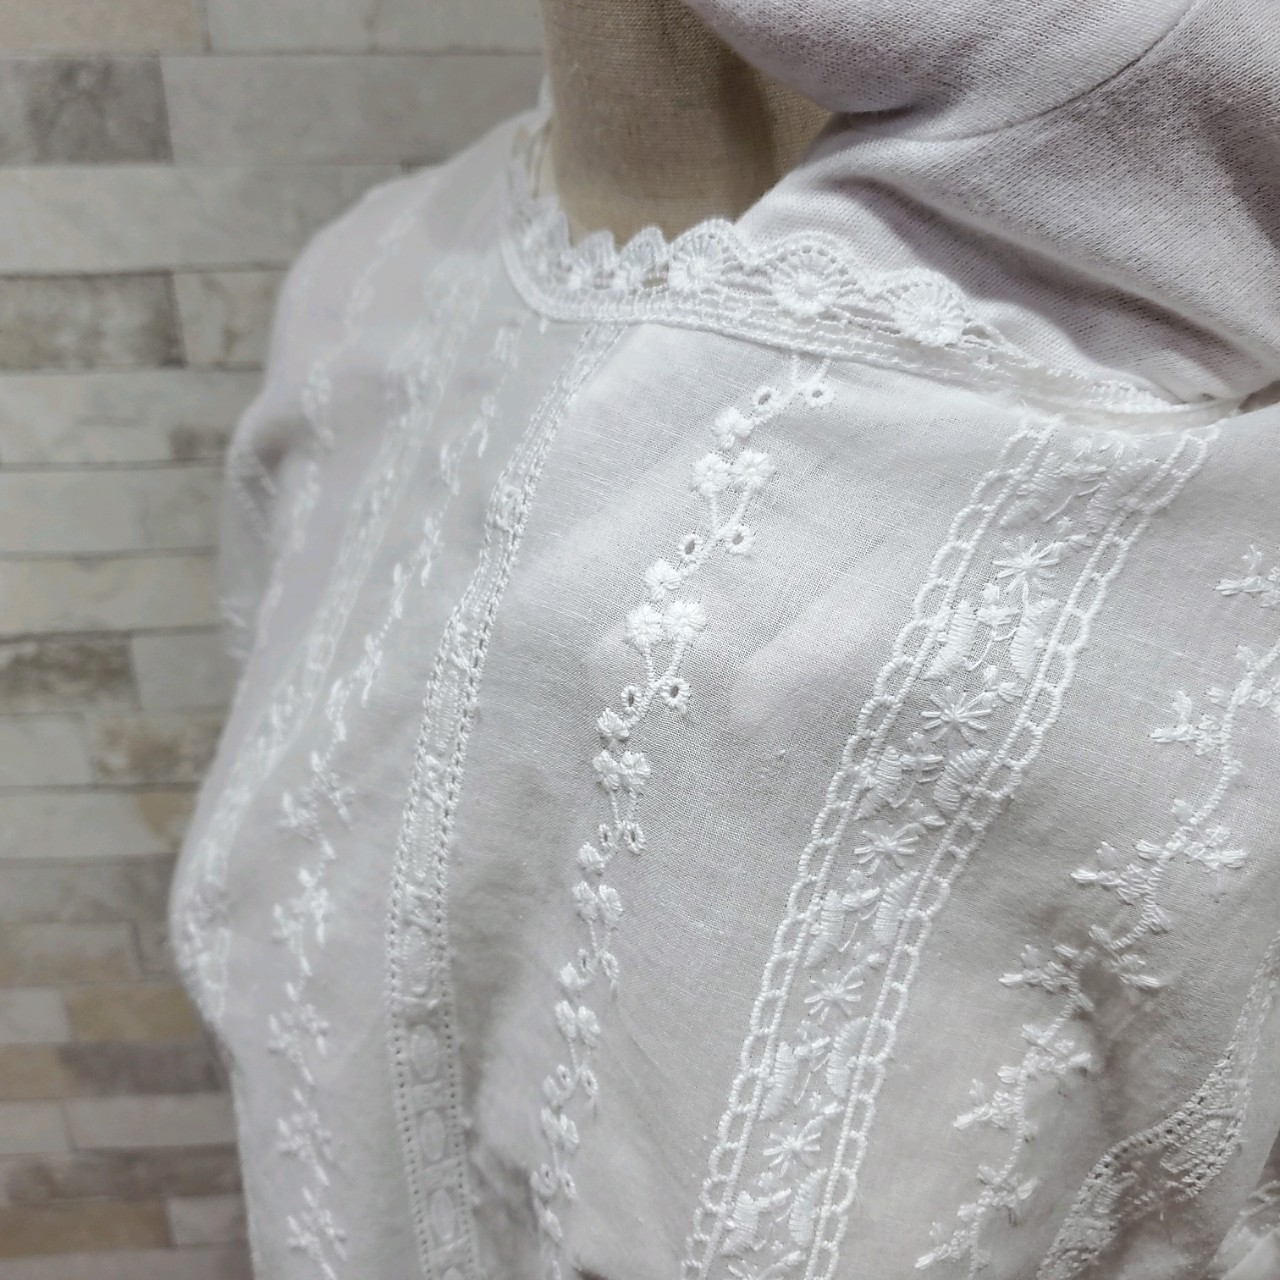 韓国 ファッション トップス ブラウス シャツ 夏 春 カジュアル PTXH429  刺繍 パンチングレース ガーリー プルオーバー オルチャン シンプル 定番 セレカジの写真14枚目